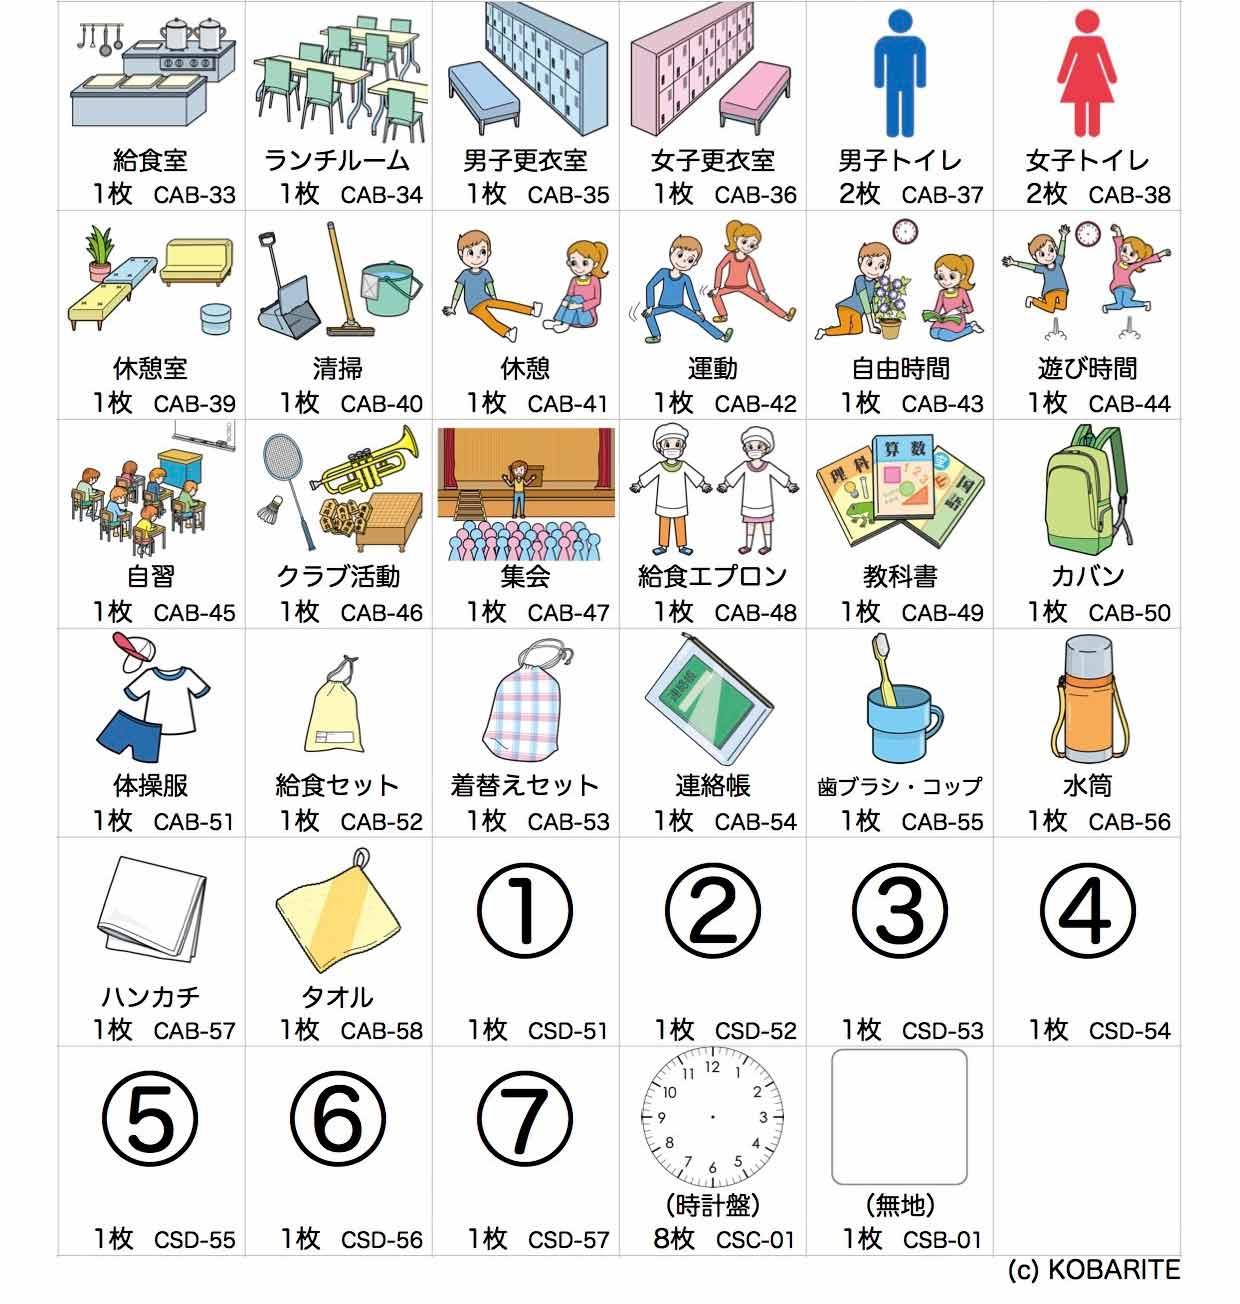 絵カードセット(学校一日編)一覧(2/2)